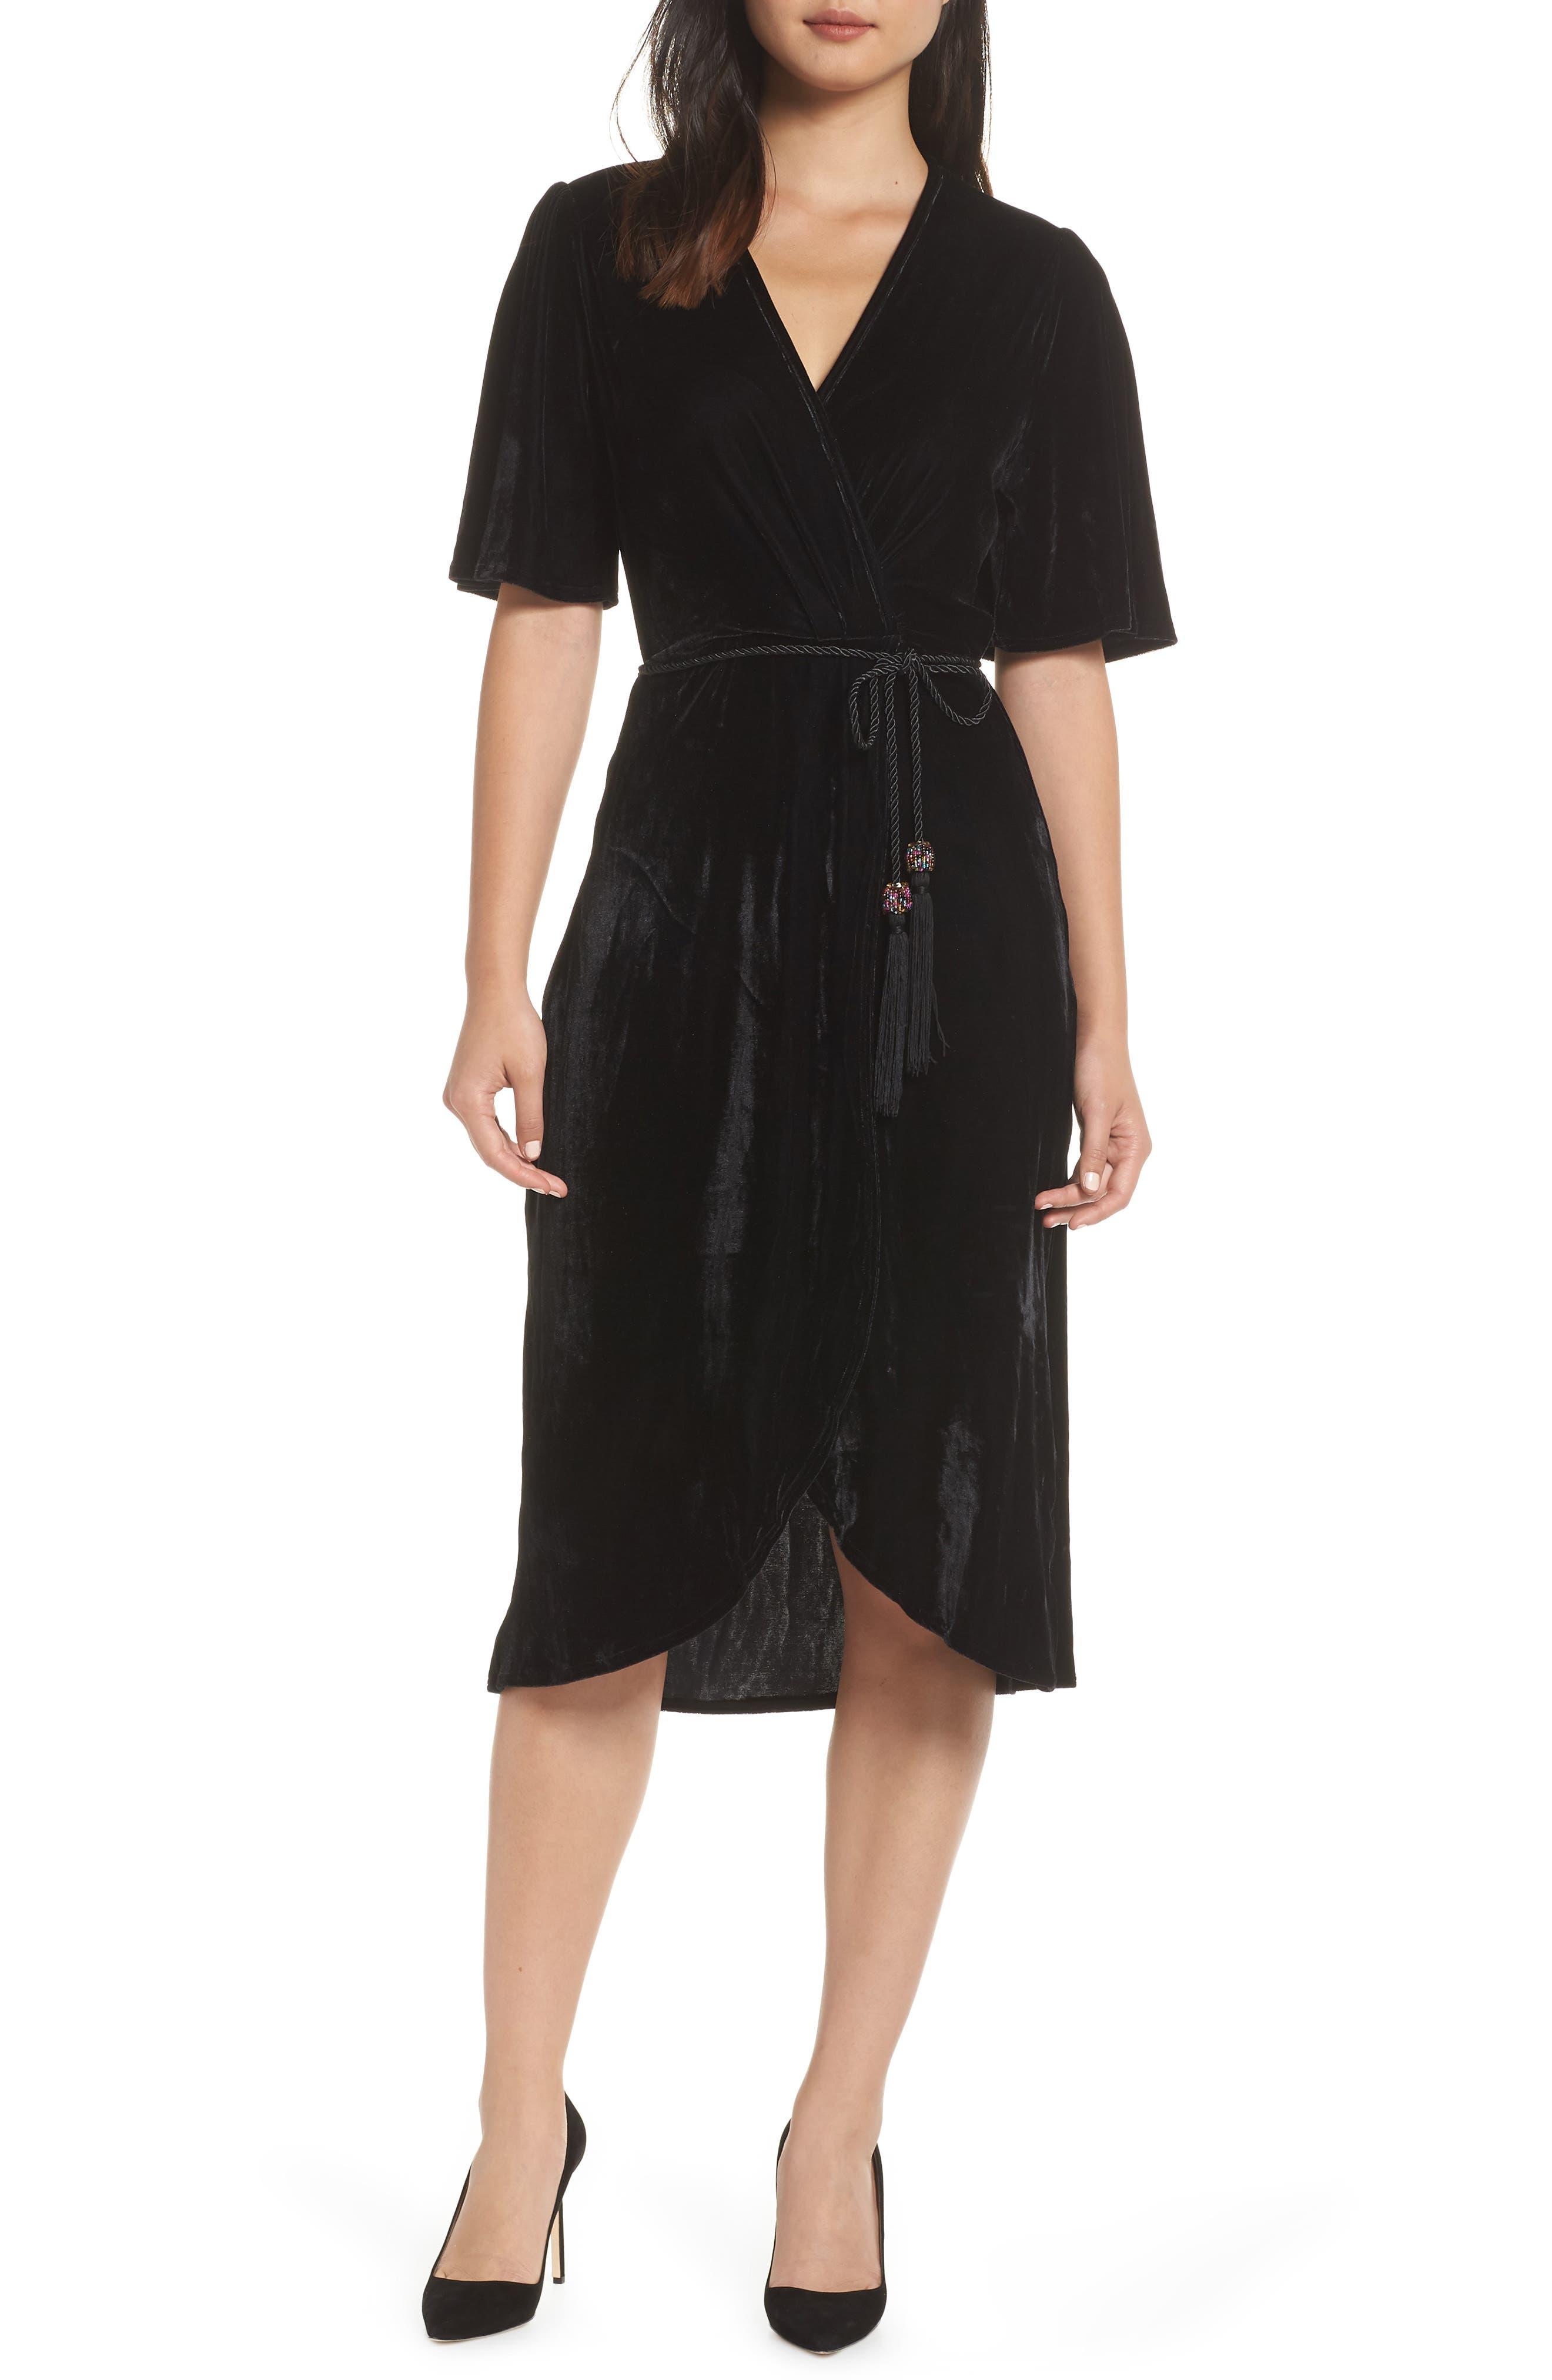 70s Dresses – Disco Dresses, Hippie Dresses, Wrap Dresses Blue Womens Fraiche By J Velvet Faux Wrap Dress $114.00 AT vintagedancer.com